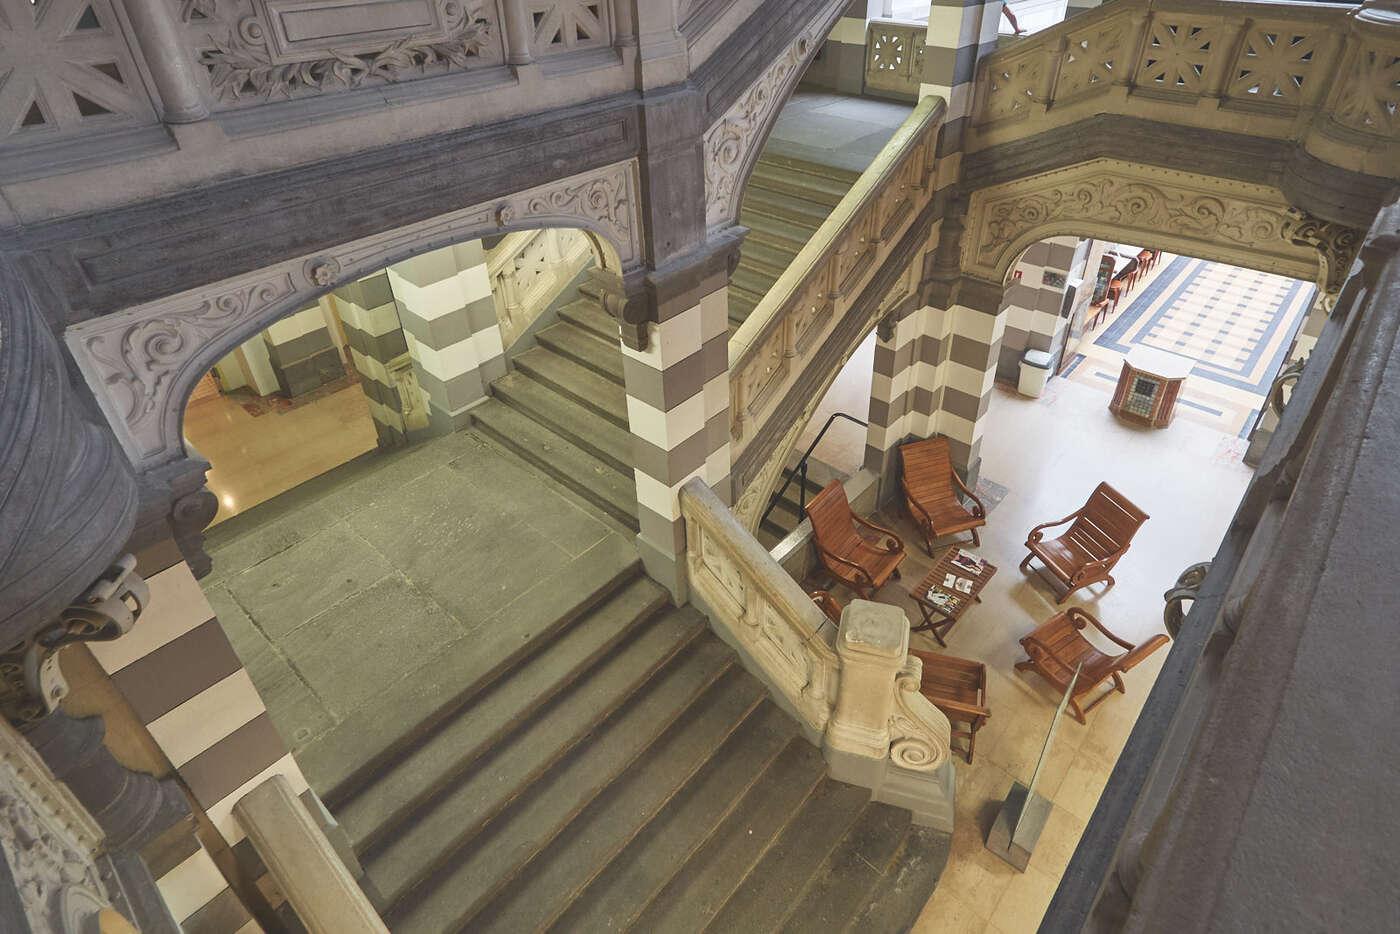 Escaliers des thermes du Mont-Dore